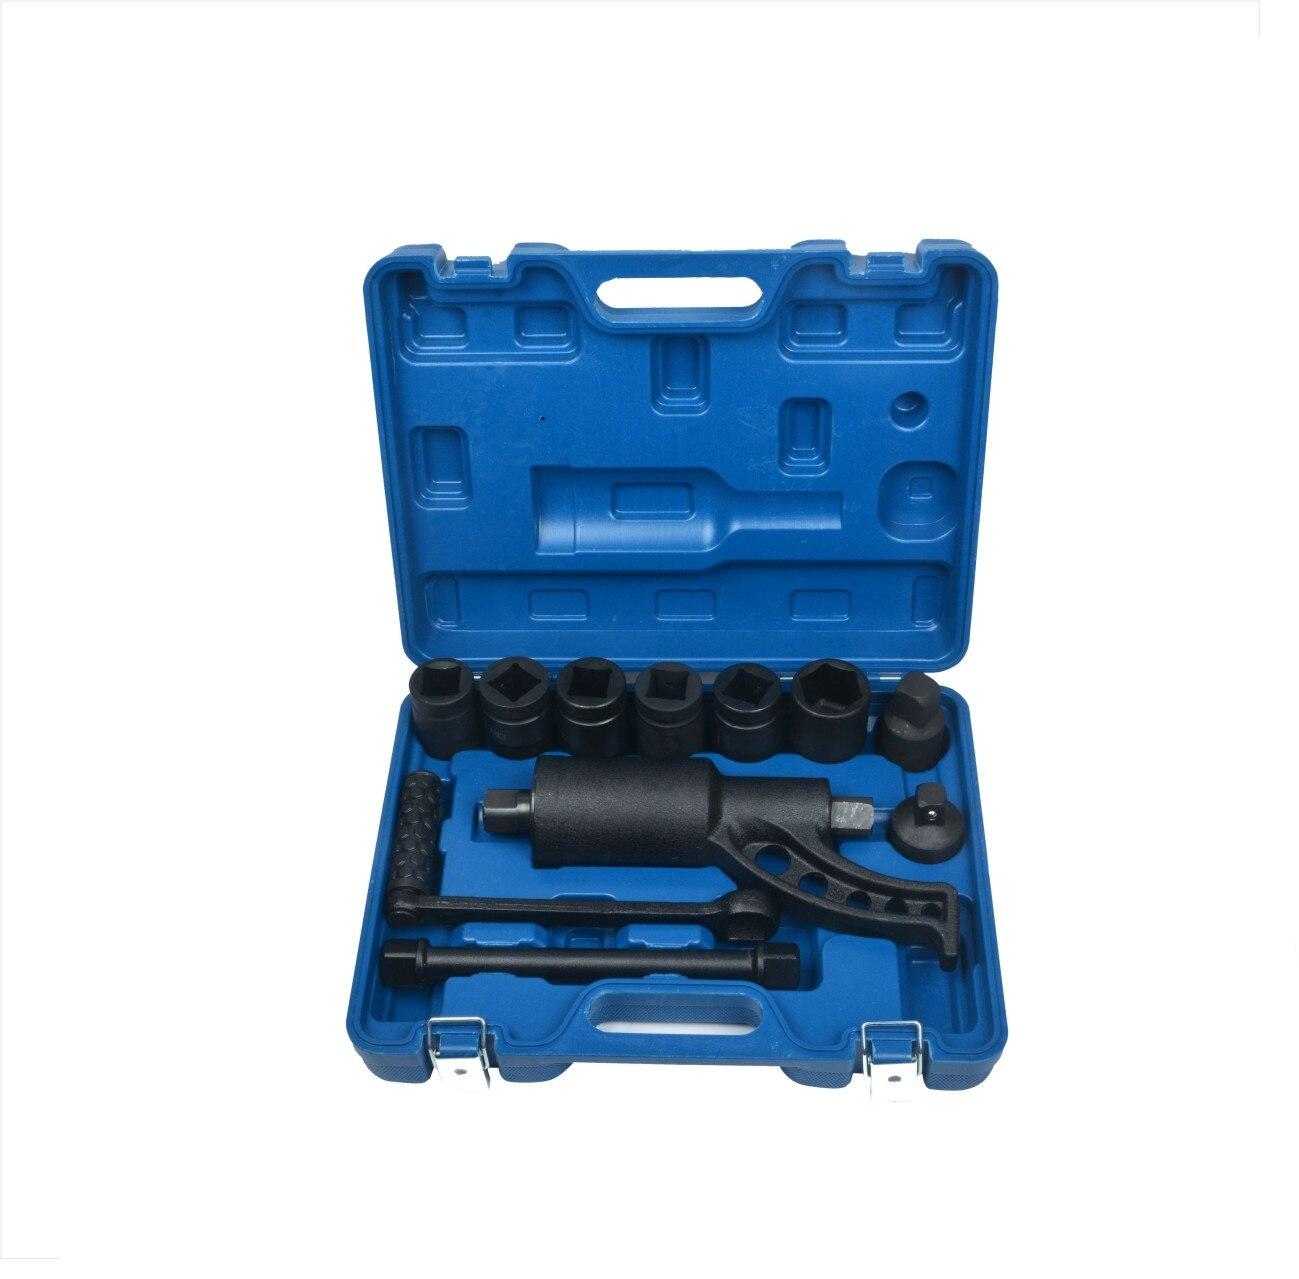 Chave de roda Pneu de Caminhão Mão Multiplicador de Torque Chave de Porca Da Roda Lug & Soquetes de Impacto